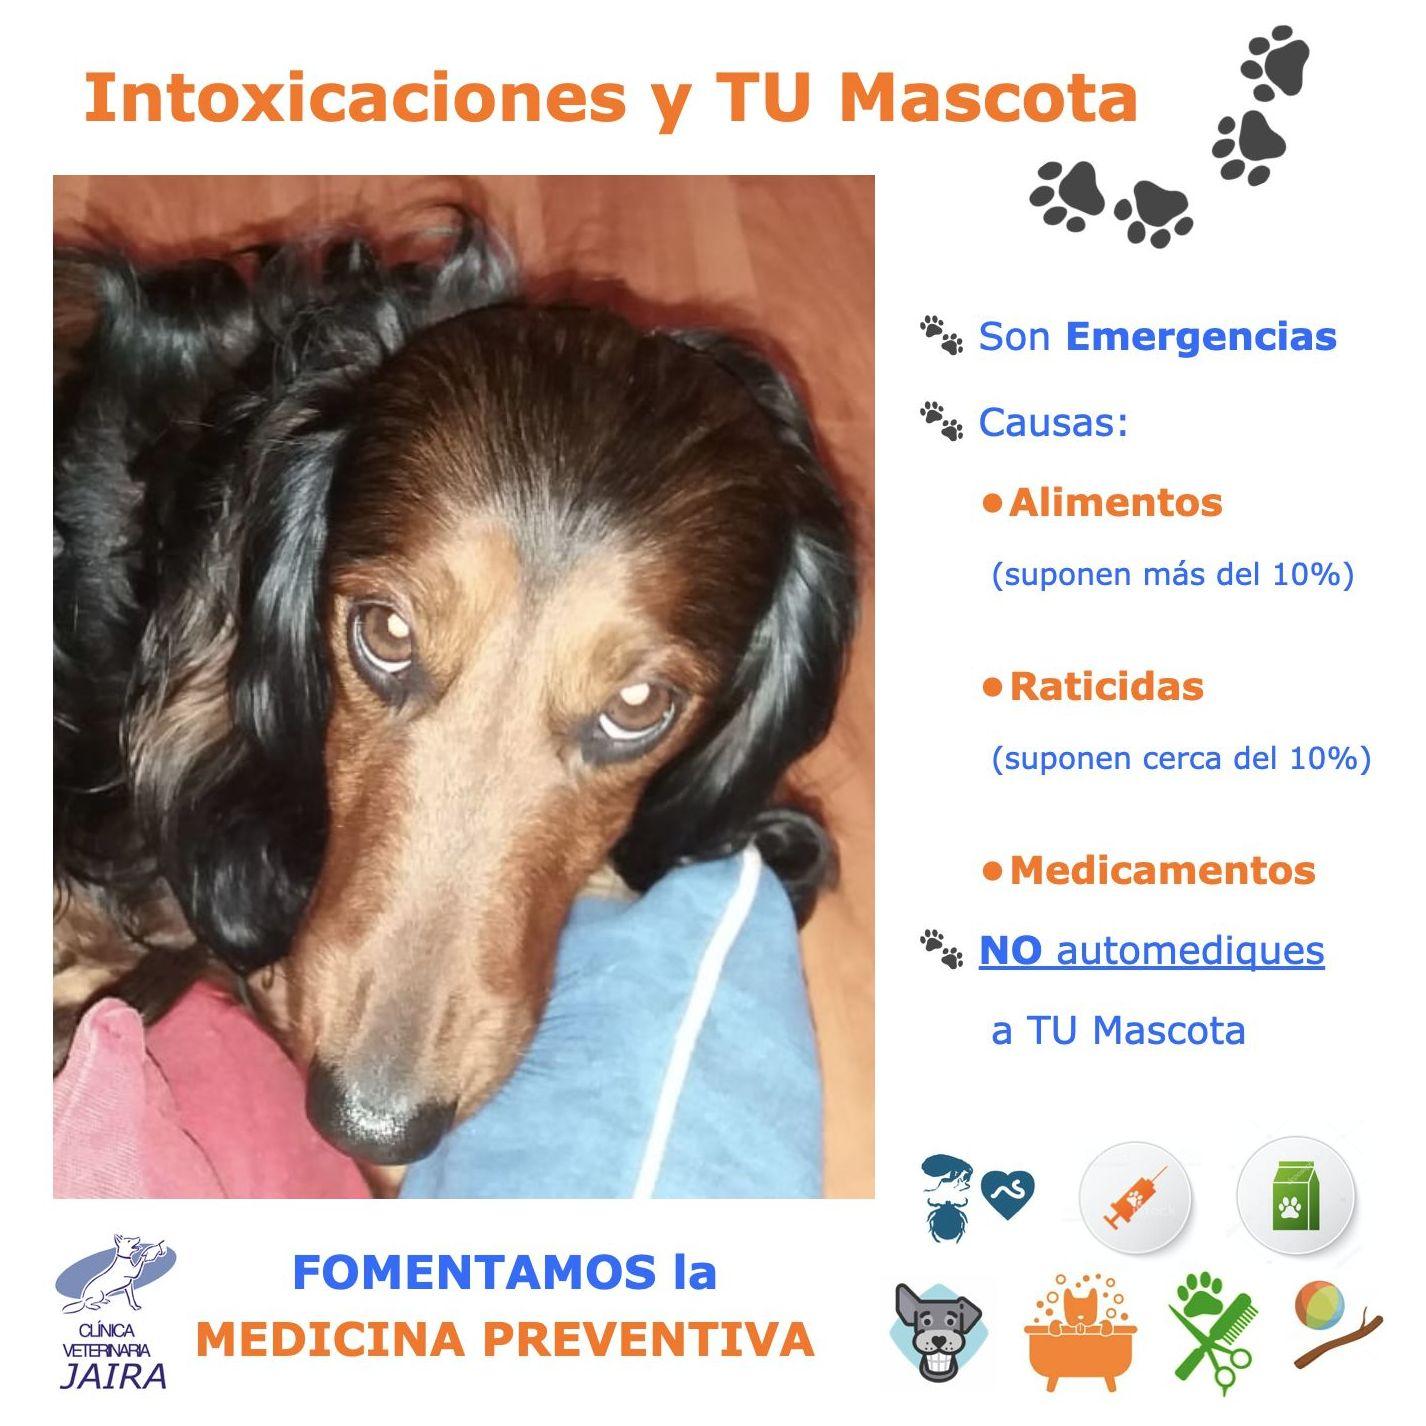 Intoxicaciones y TU Mascota